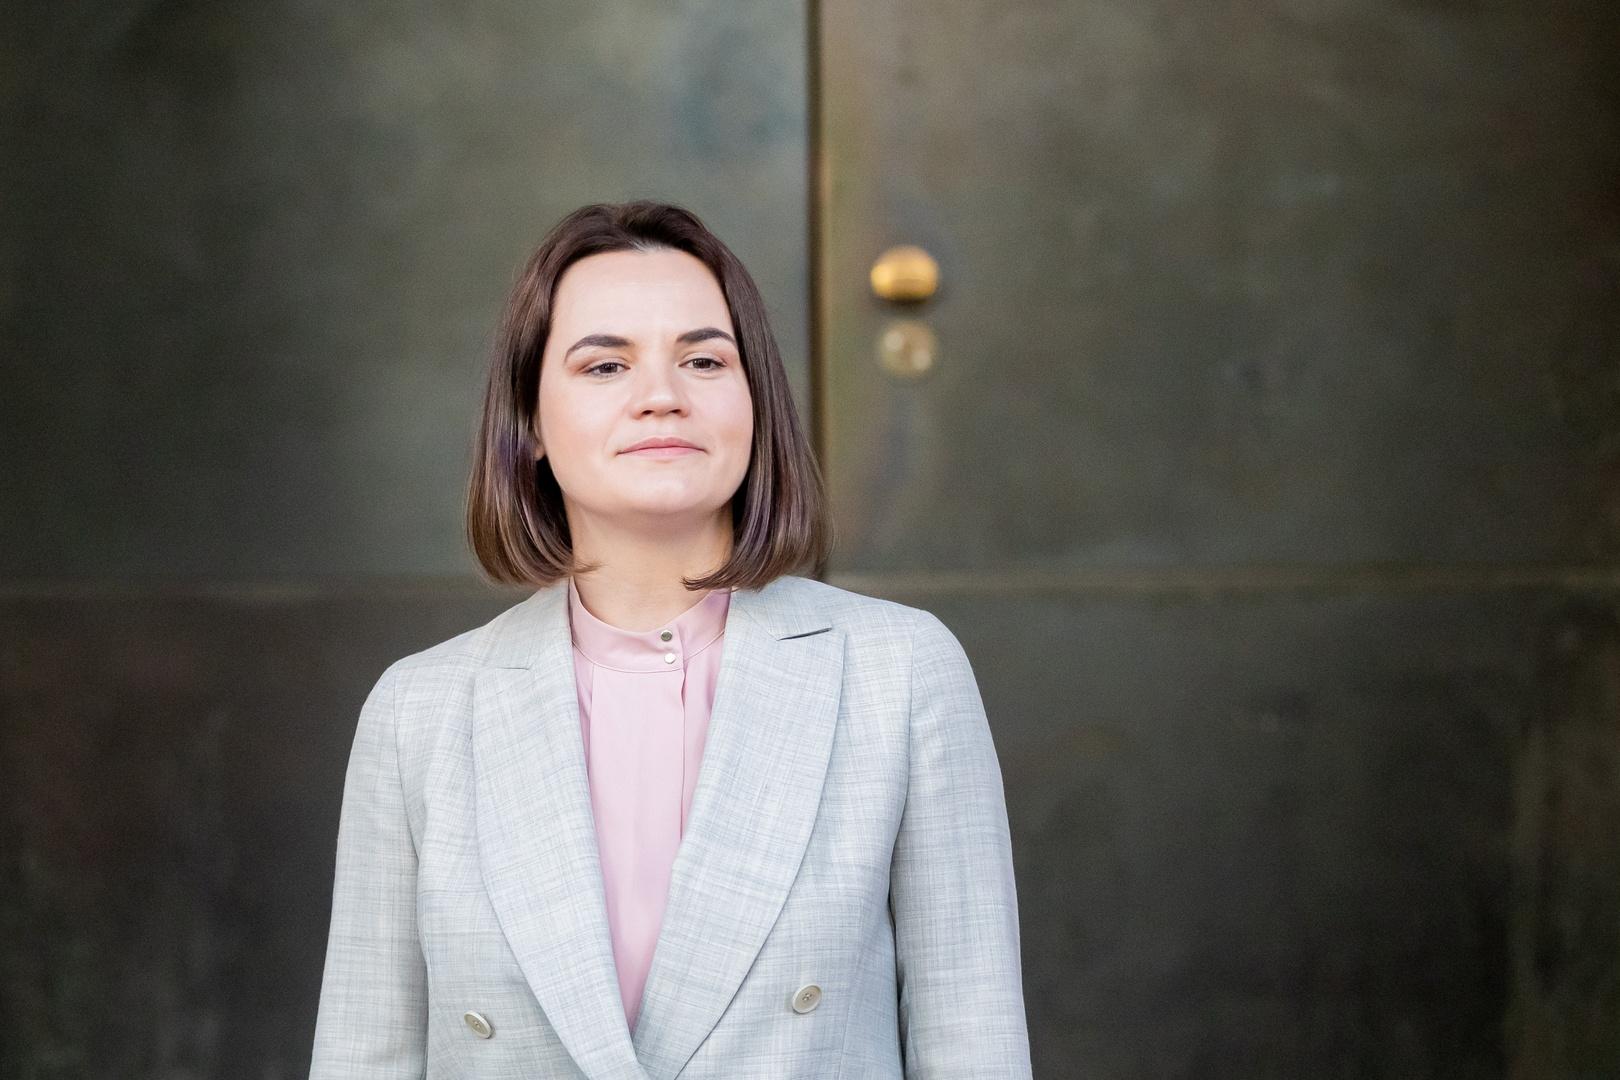 المعارضة البيلاروسية، سفيتلانا تيخانوفسكايا